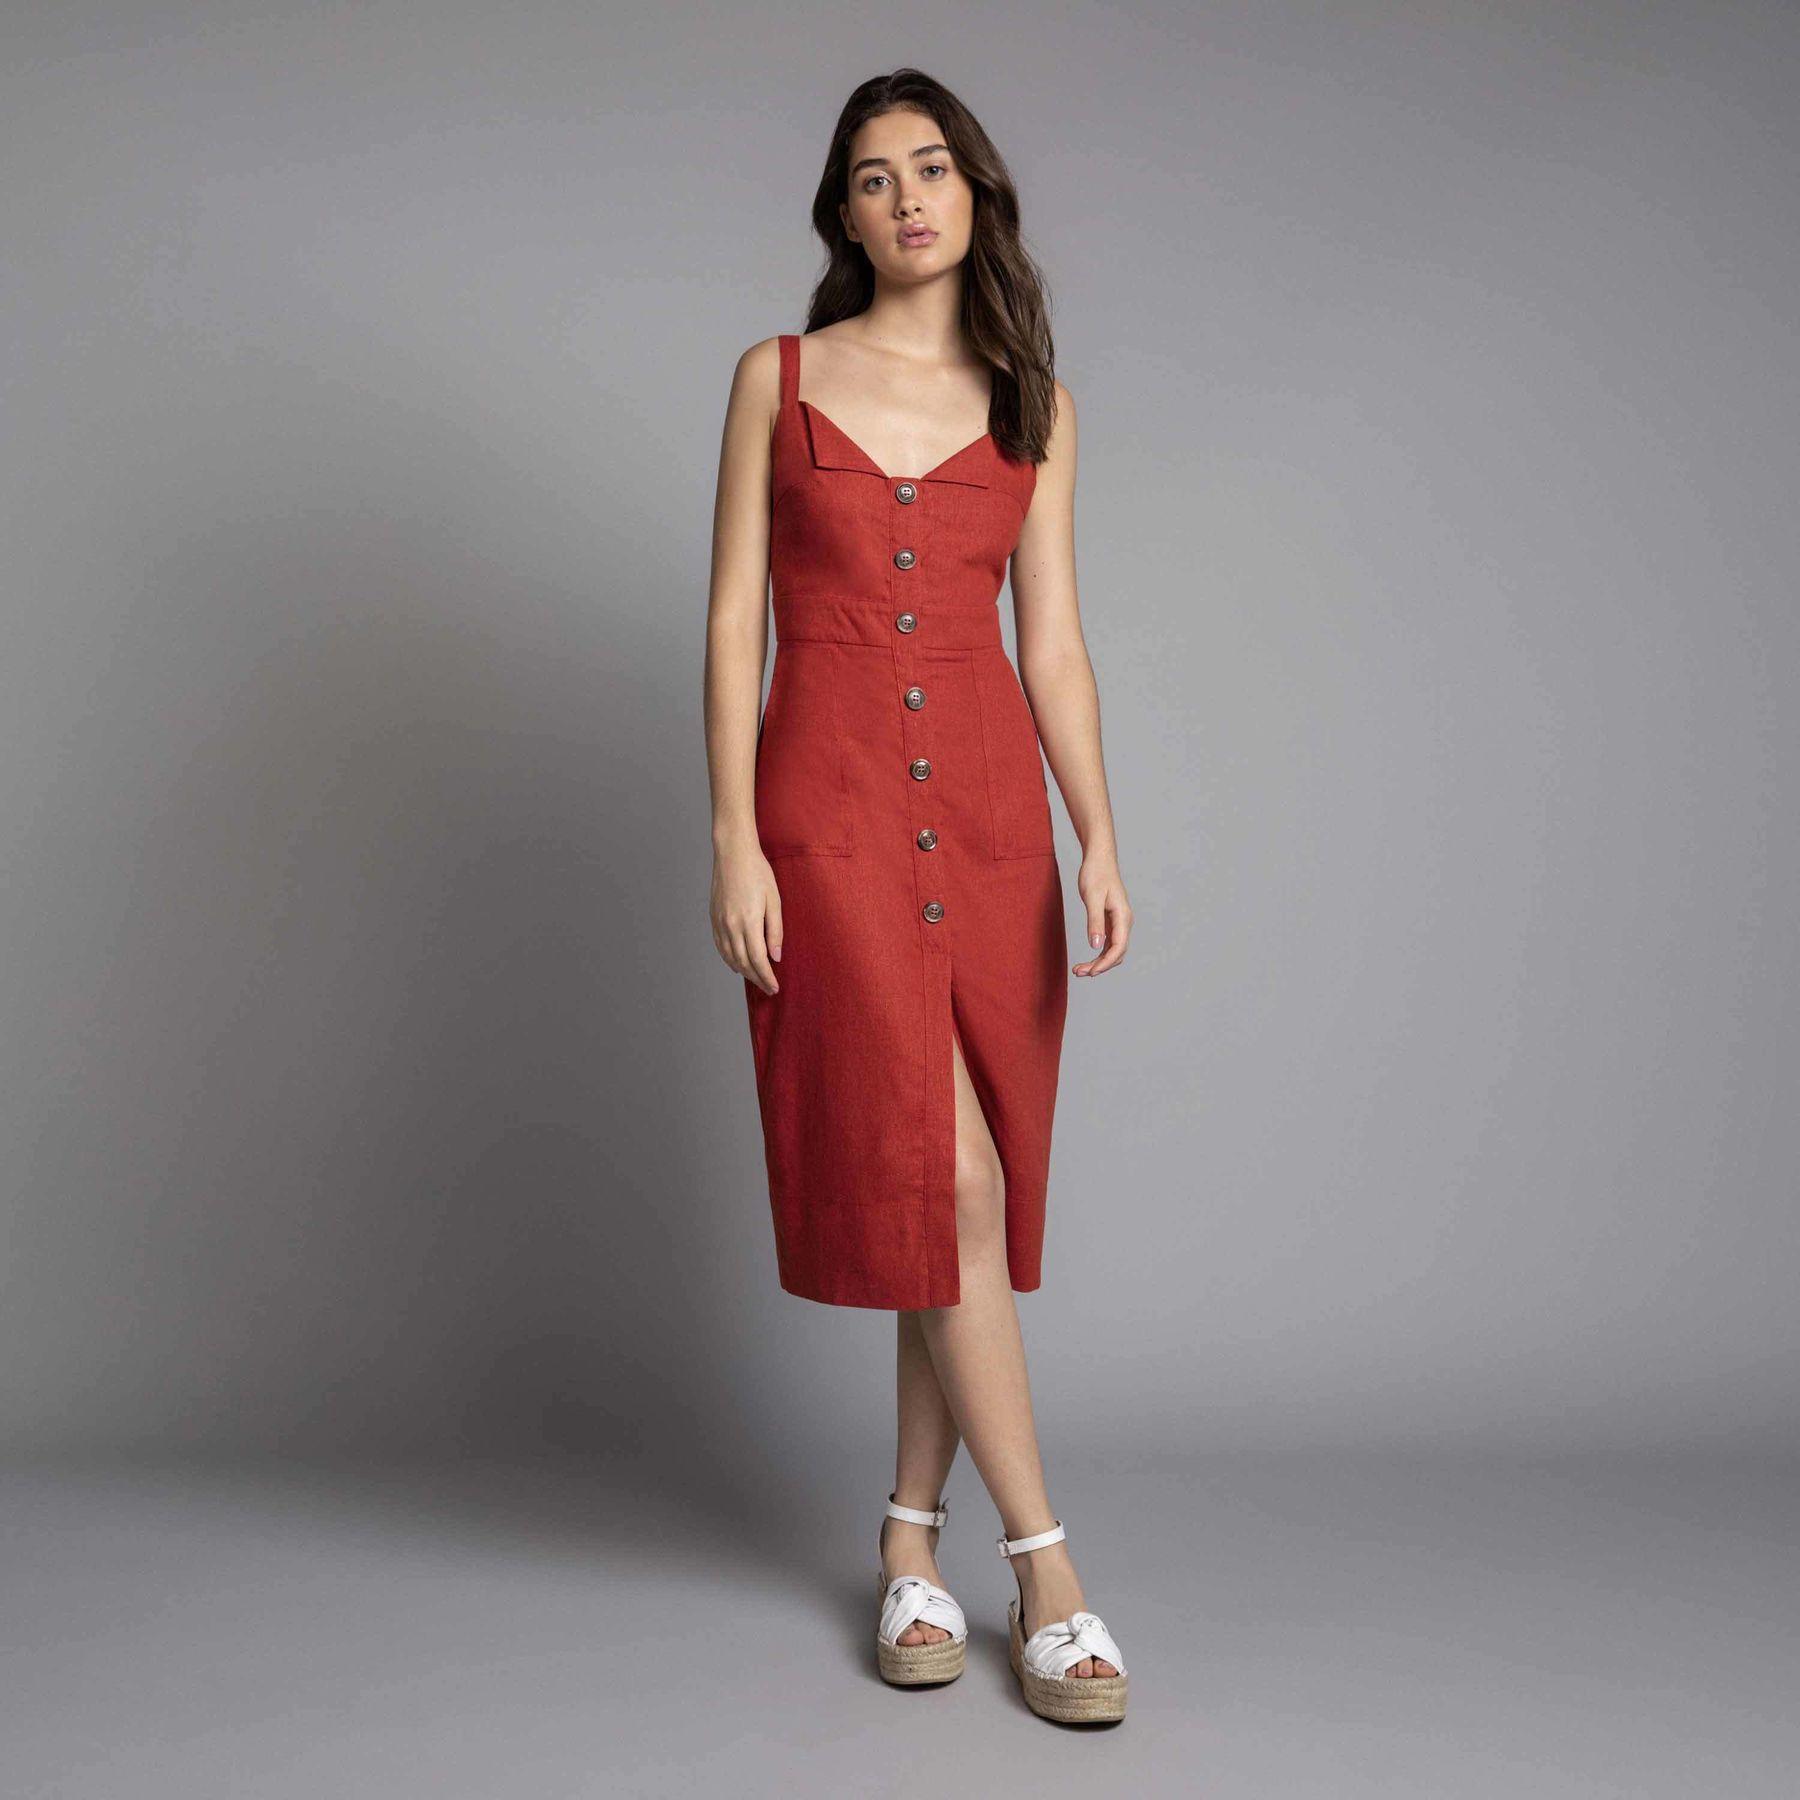 Vestido vermelho midi com botões